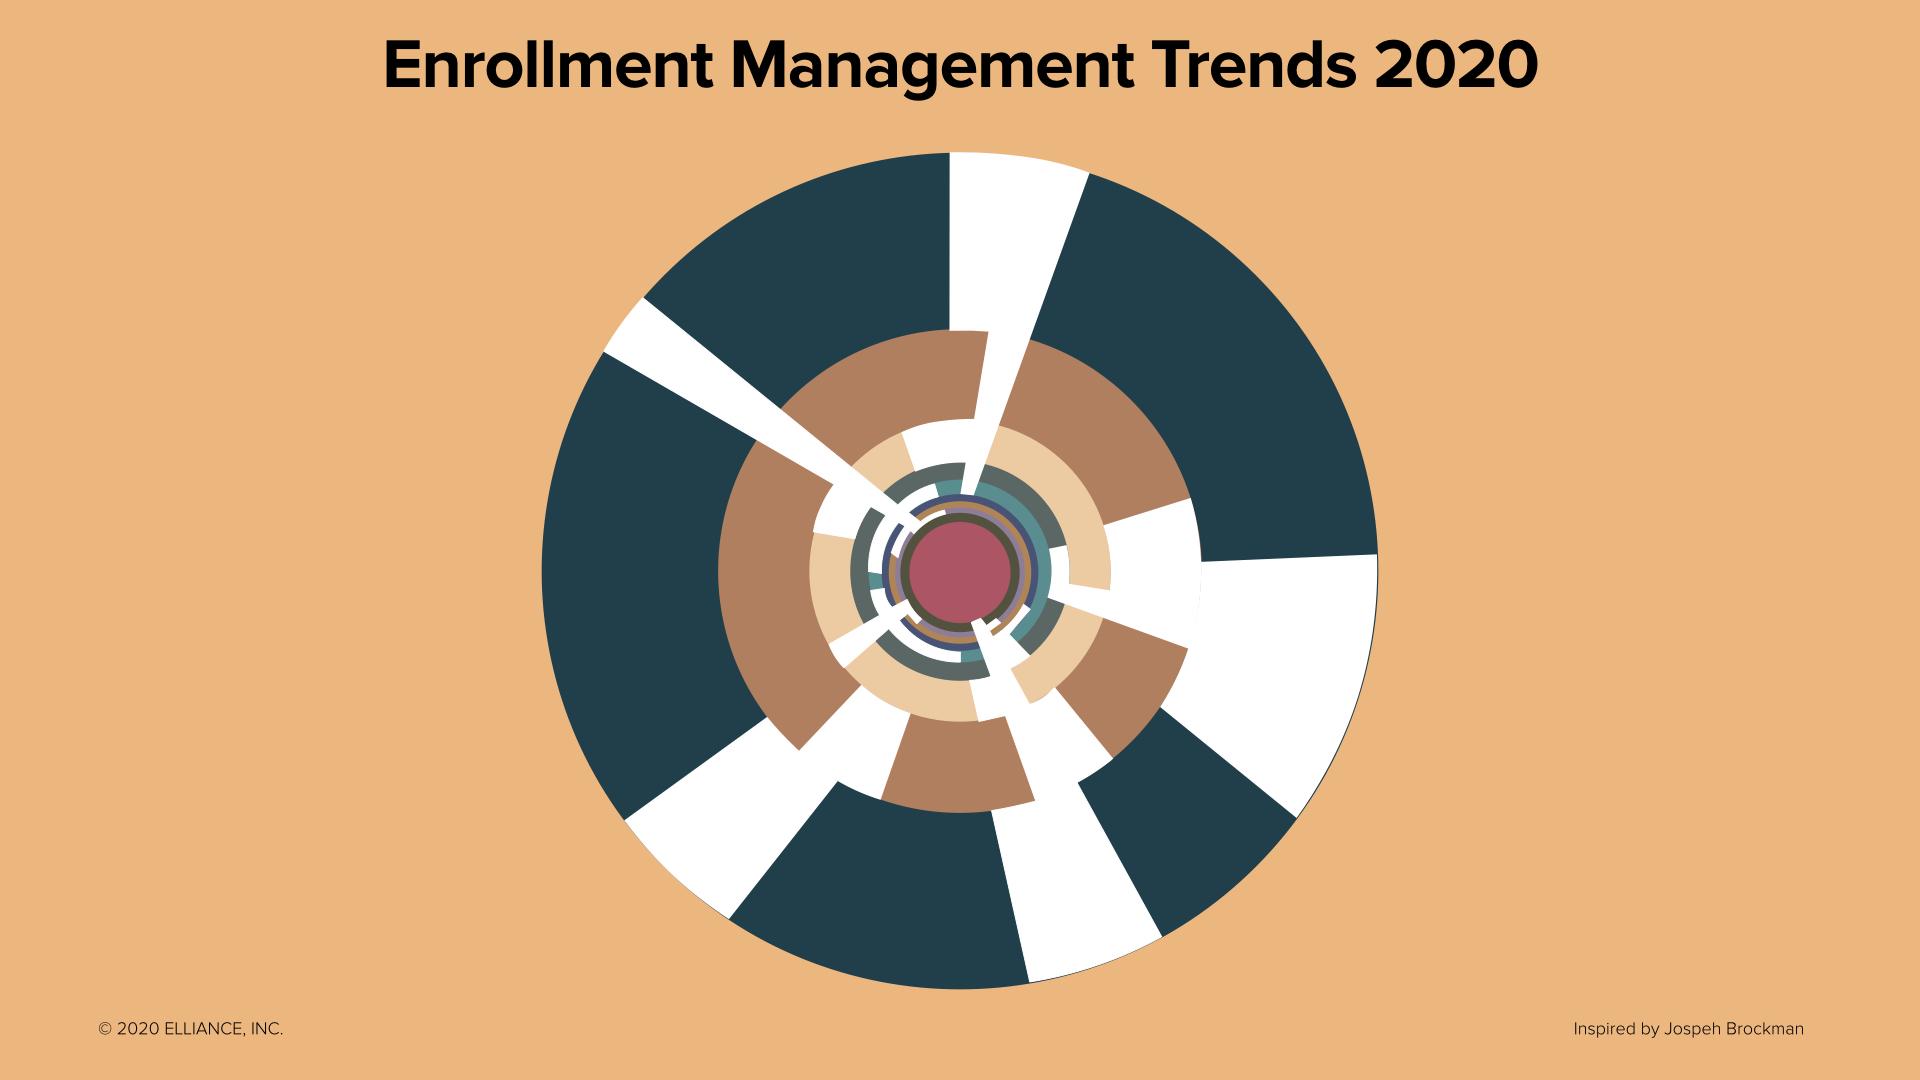 Enrollment Management Trends